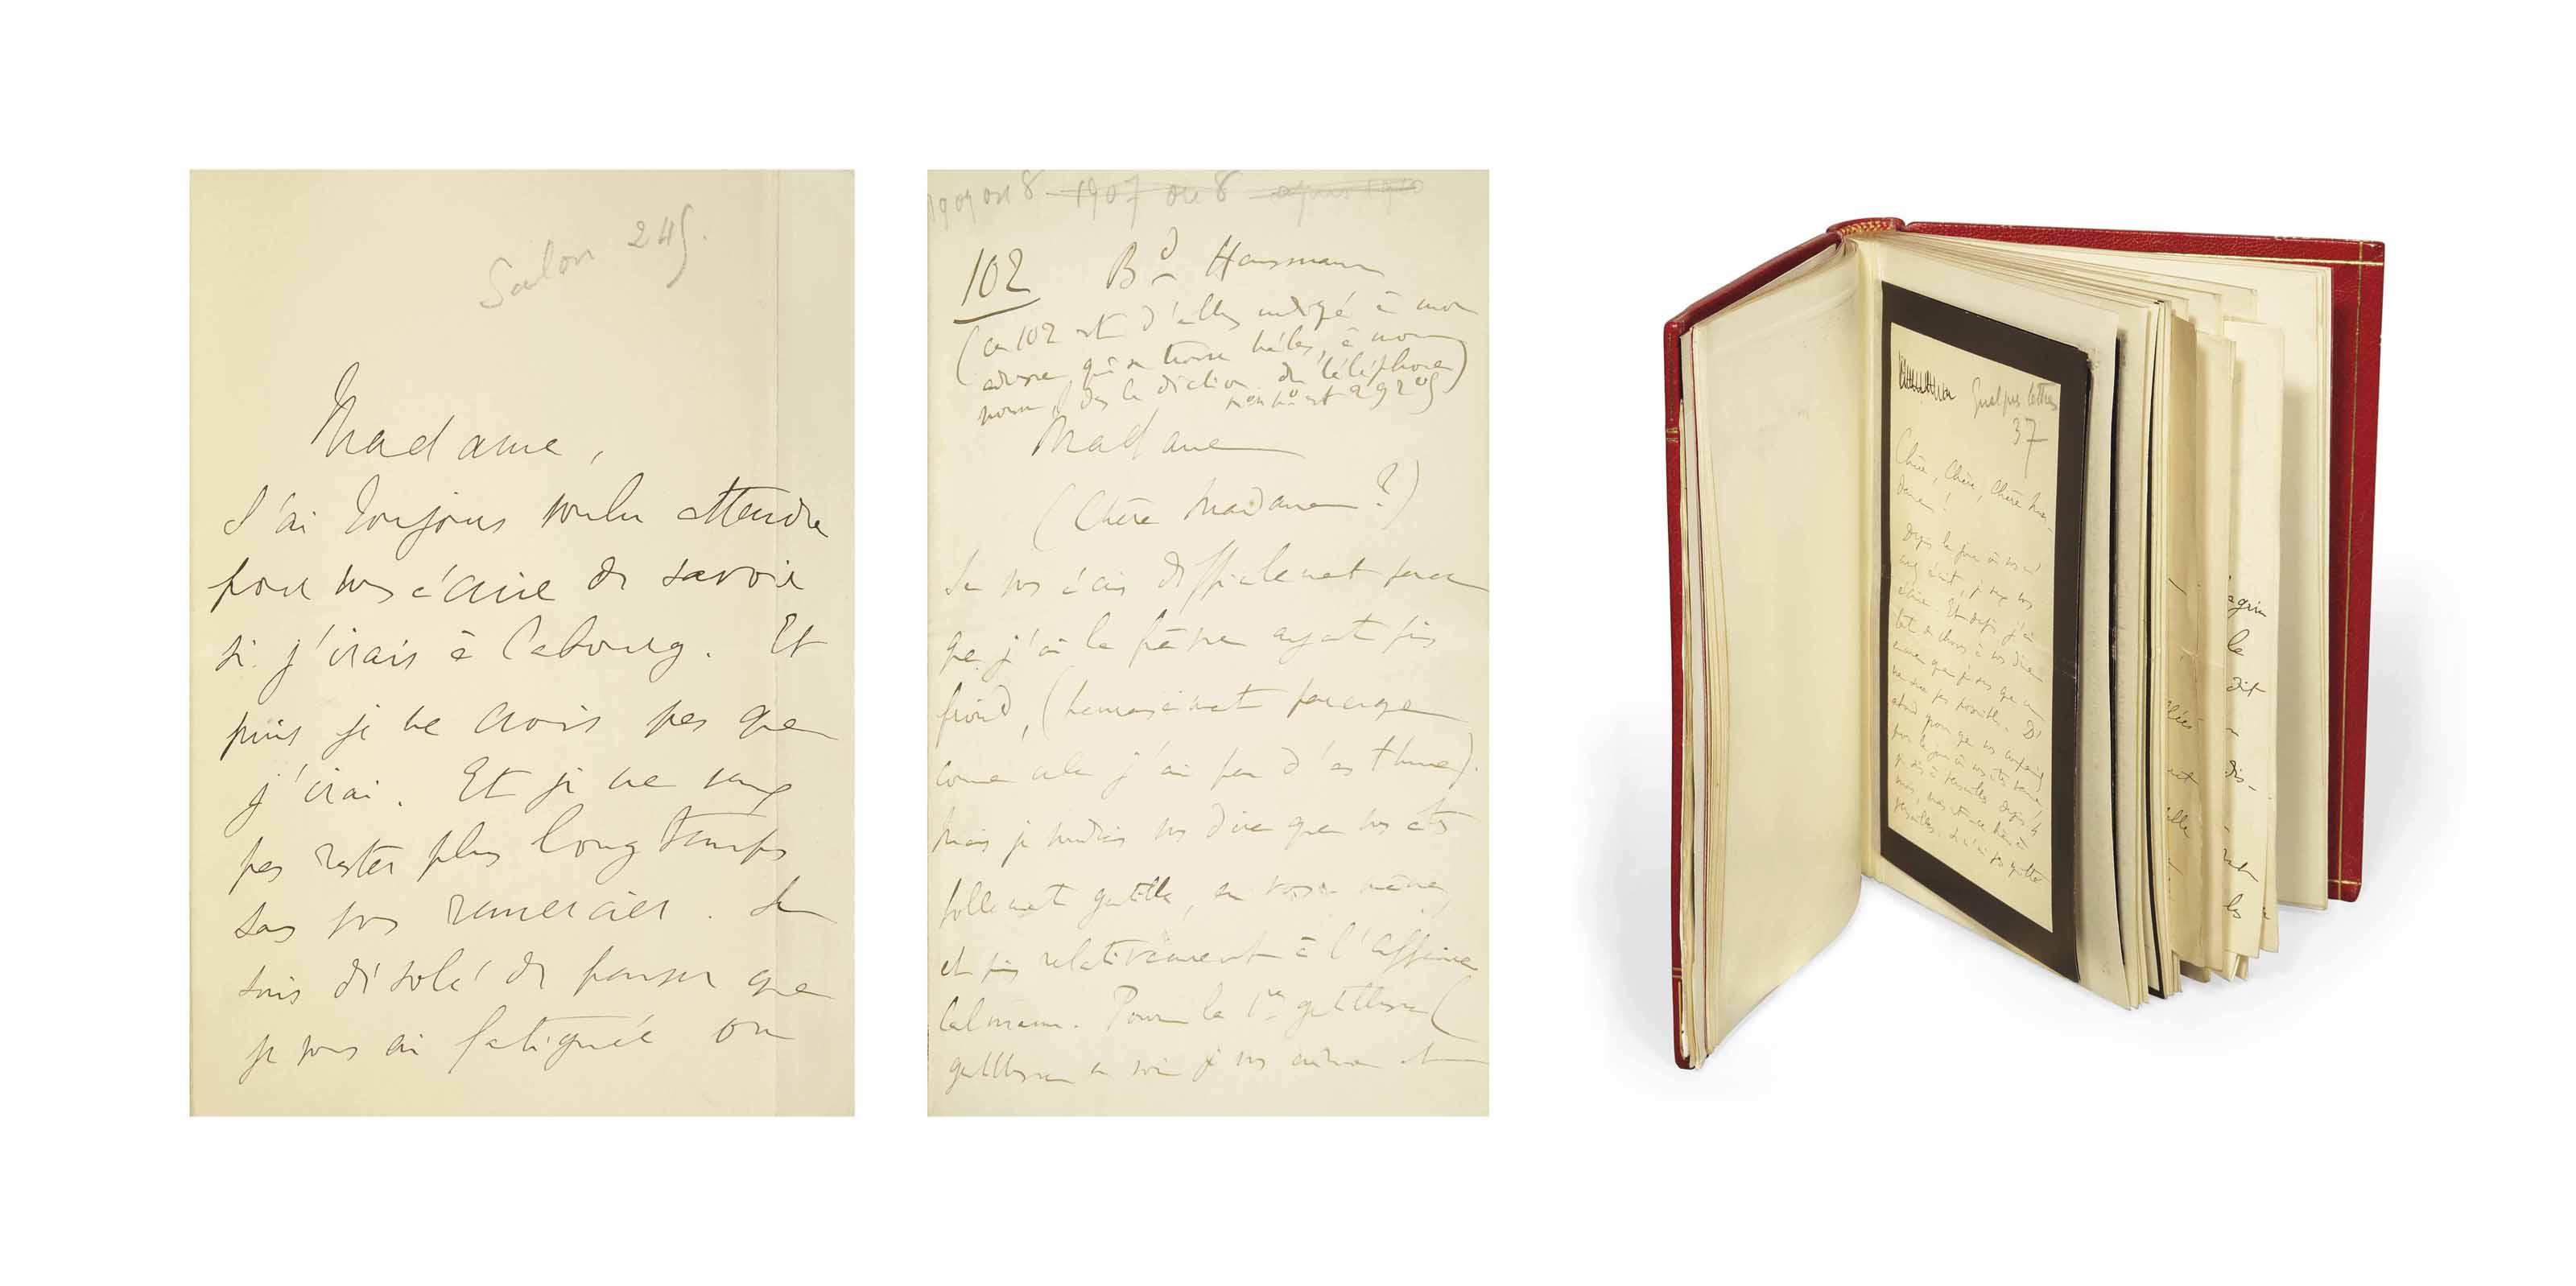 PROUST, Marcel (1871-1922). Réunion de 20 lettres autographes signées dont 19 à Jeanne Pouquet et une à Marie Scheikévitch. À ces lettres s'ajoutent deux pneumatiques adressés à Gaston de Caillavet. Entre 1907 et 1917.